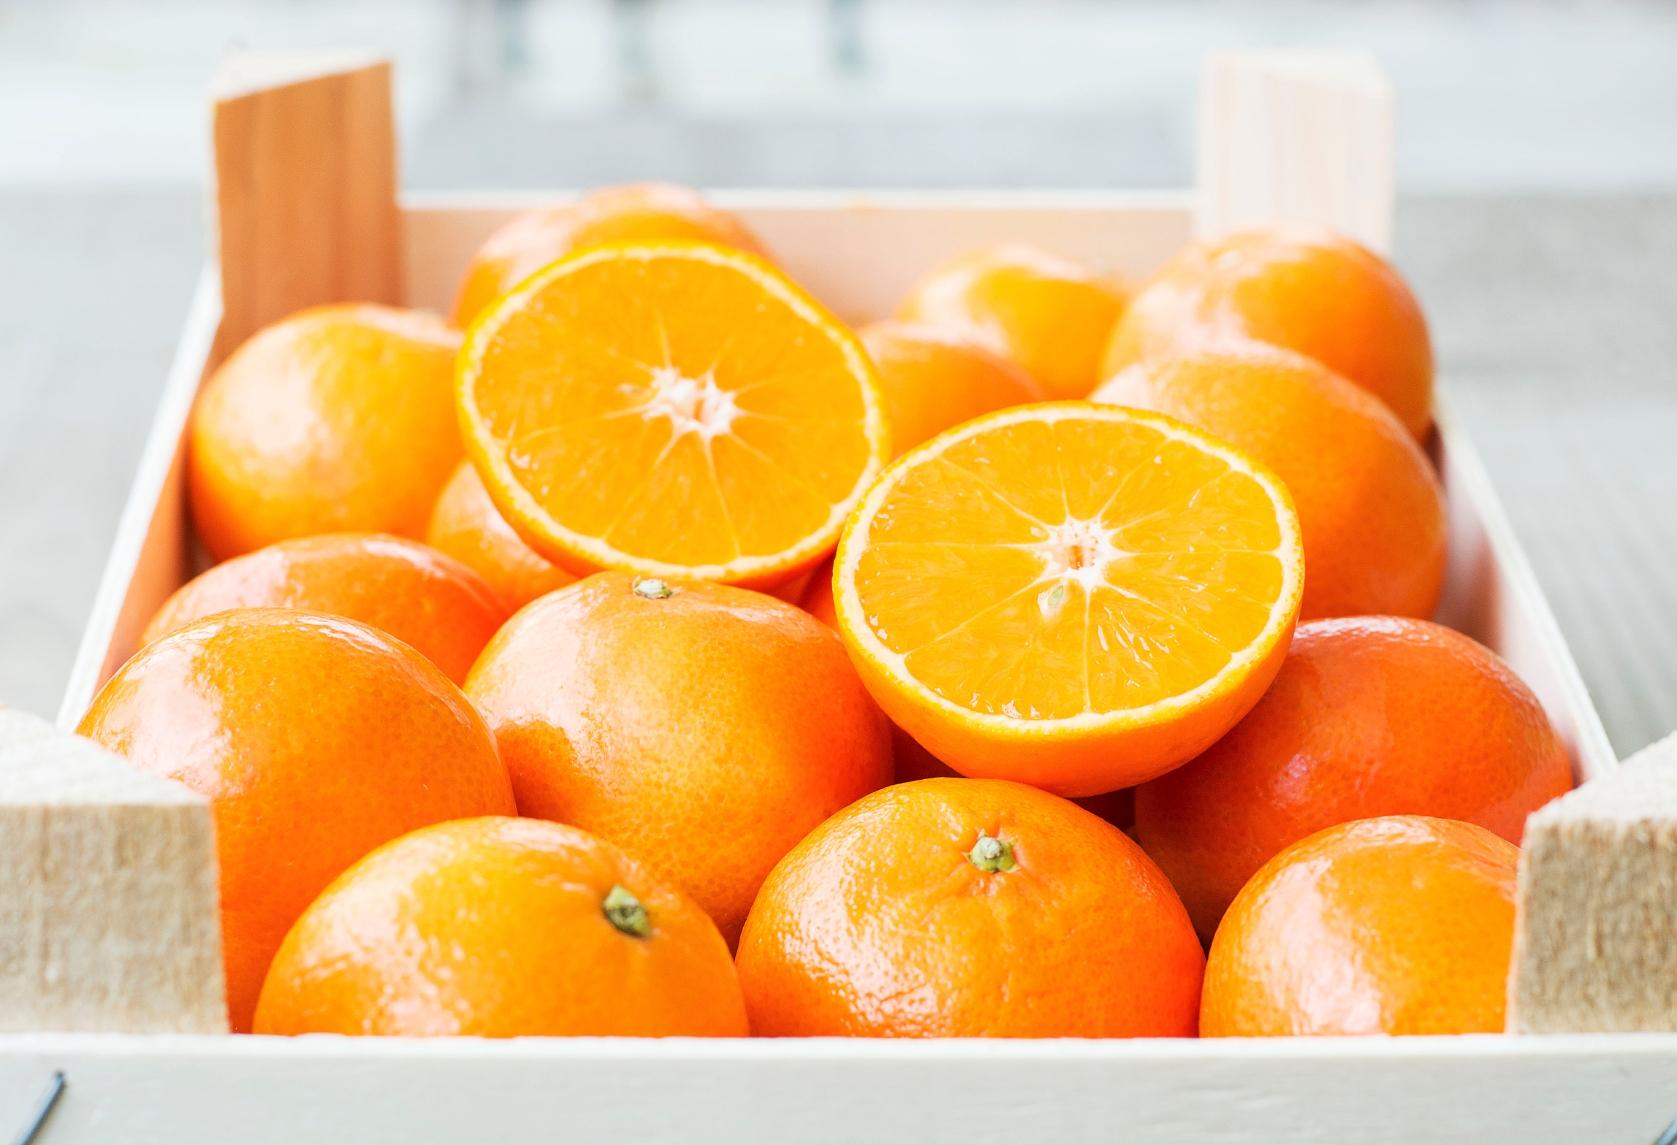 Seis alimentos que se pueden consumir para aumentar las defensas en invierno curar con opini n - Alimentos para subir las defensas ...